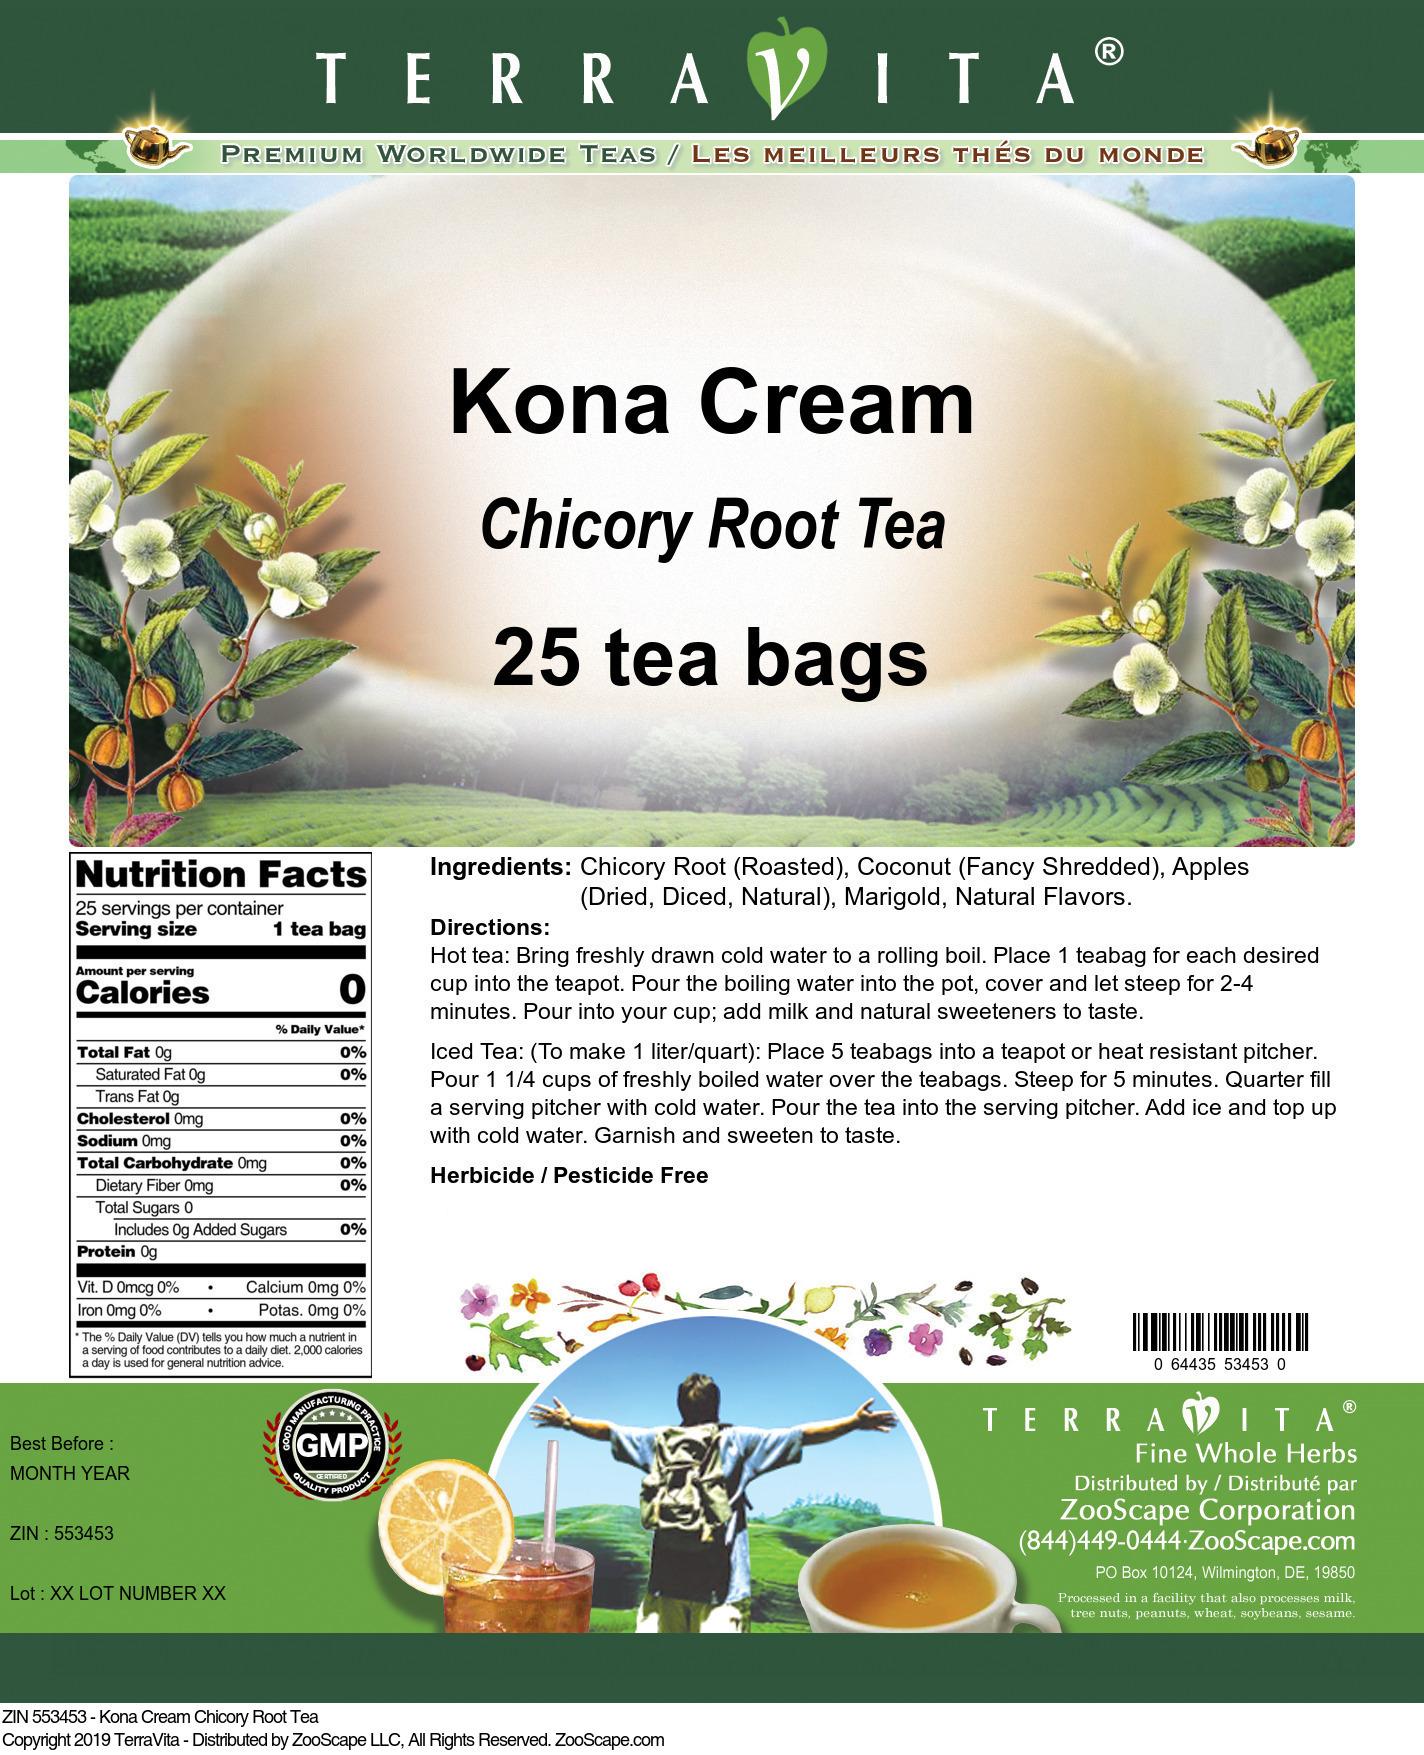 Kona Cream Chicory Root